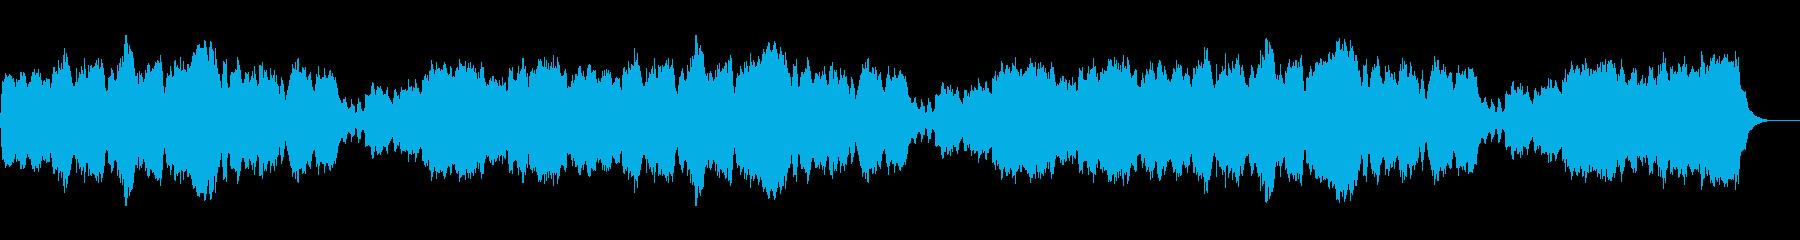 クリスマス「諸人こぞりて」パイプオルガンの再生済みの波形